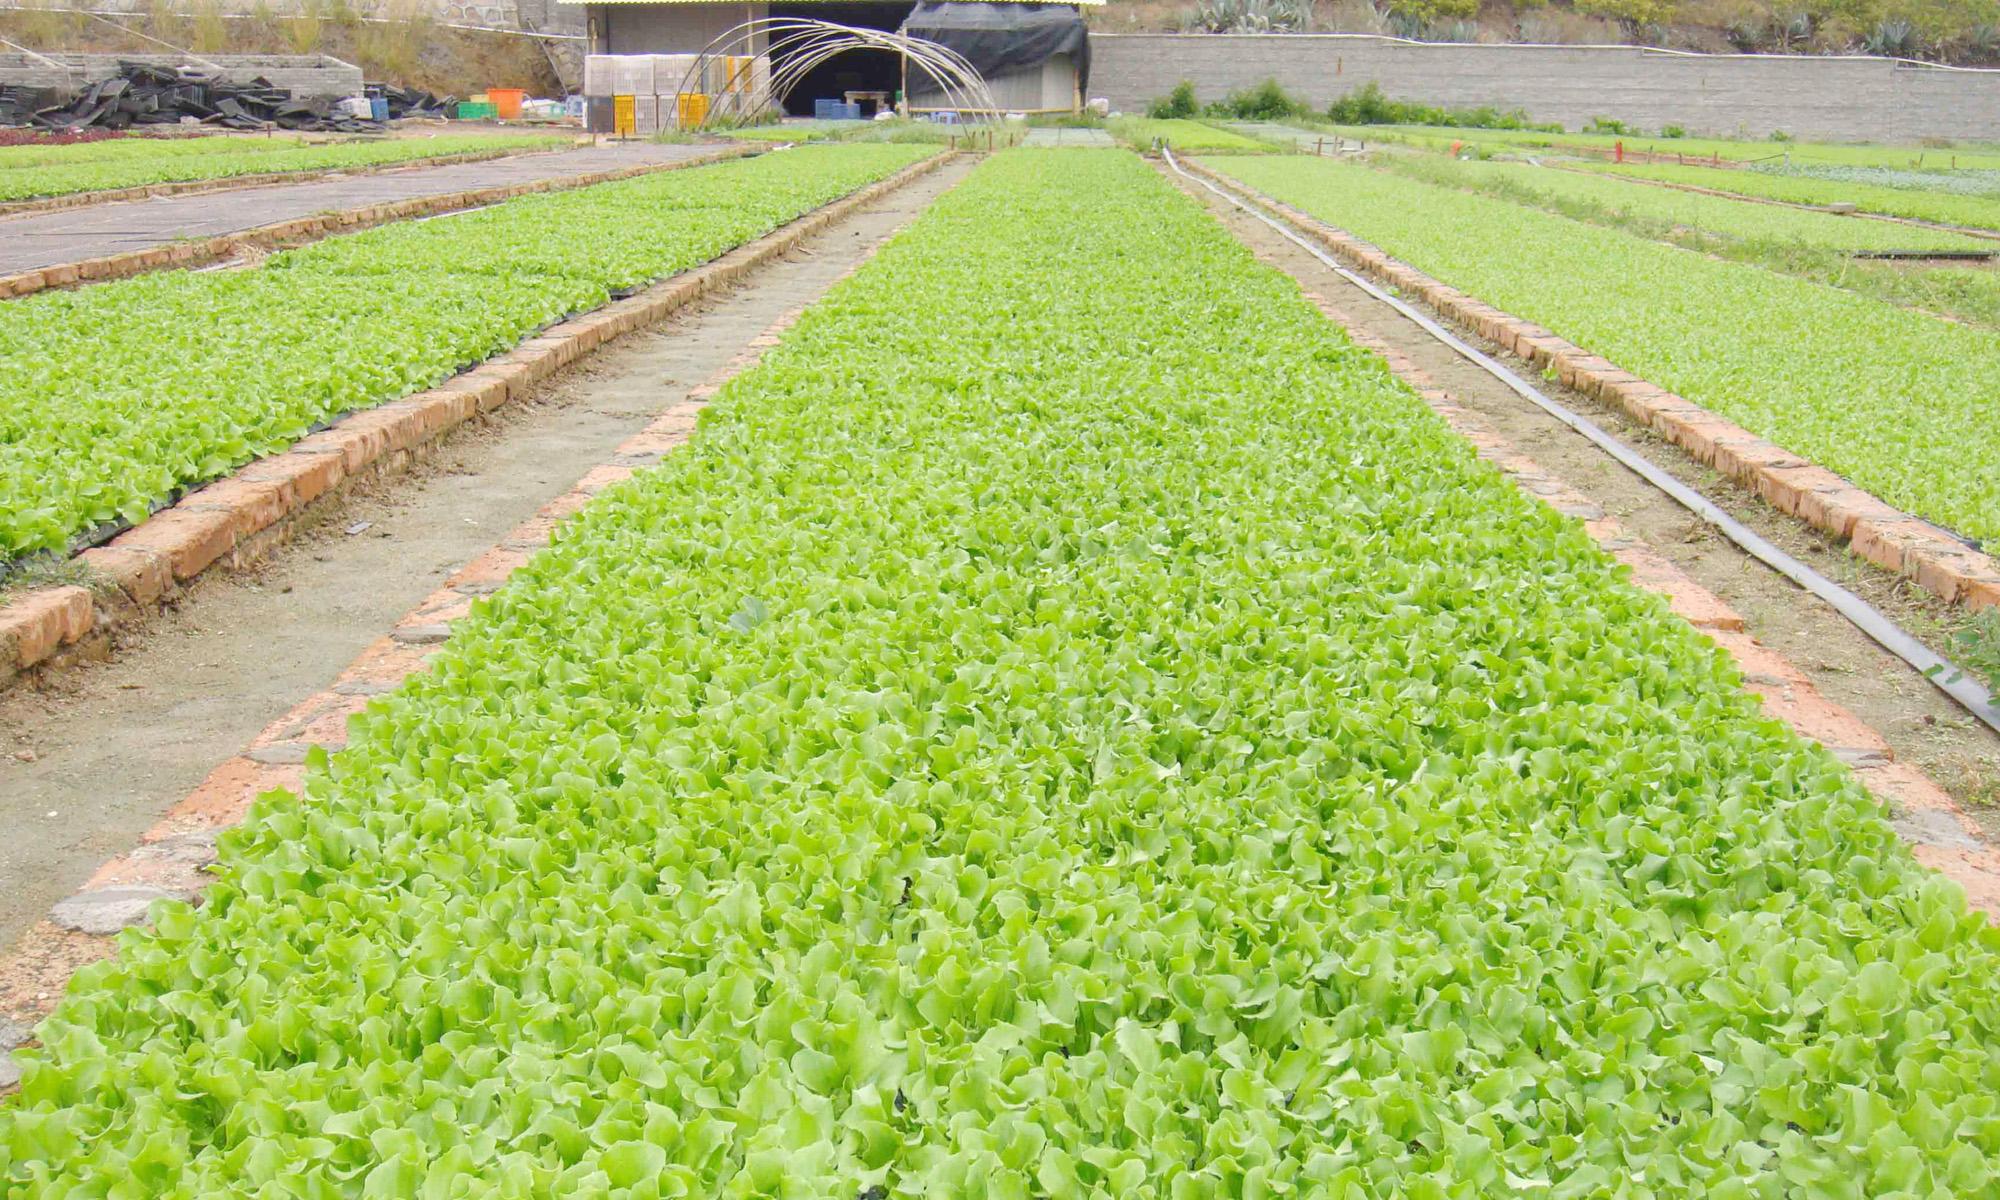 绿色健康的餐饮配送企业应该是怎么样的?